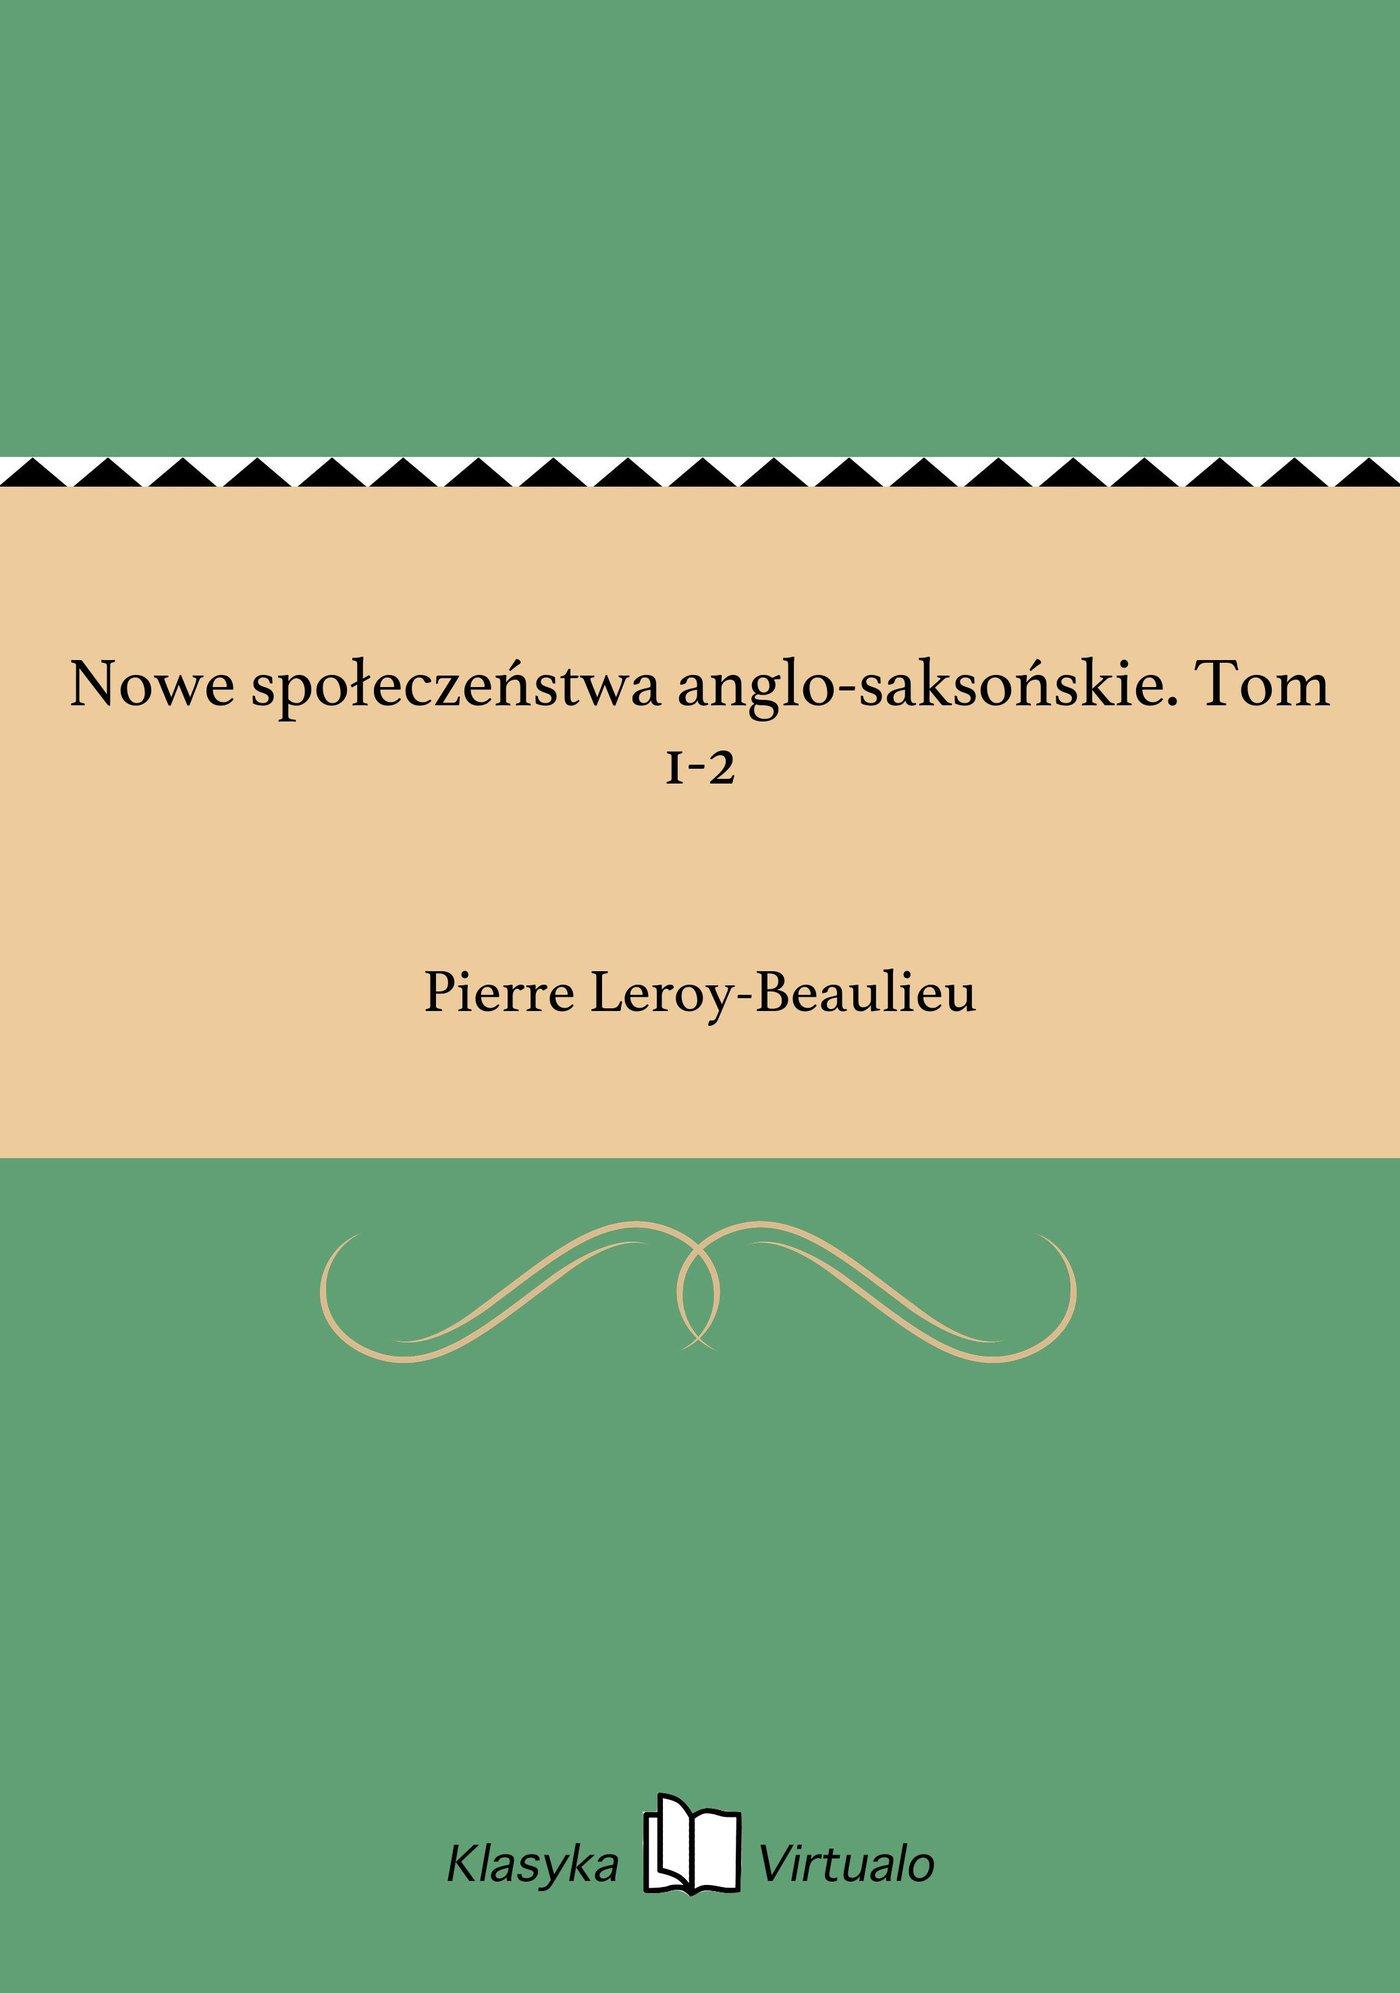 Nowe społeczeństwa anglo-saksońskie. Tom 1-2 - Ebook (Książka EPUB) do pobrania w formacie EPUB